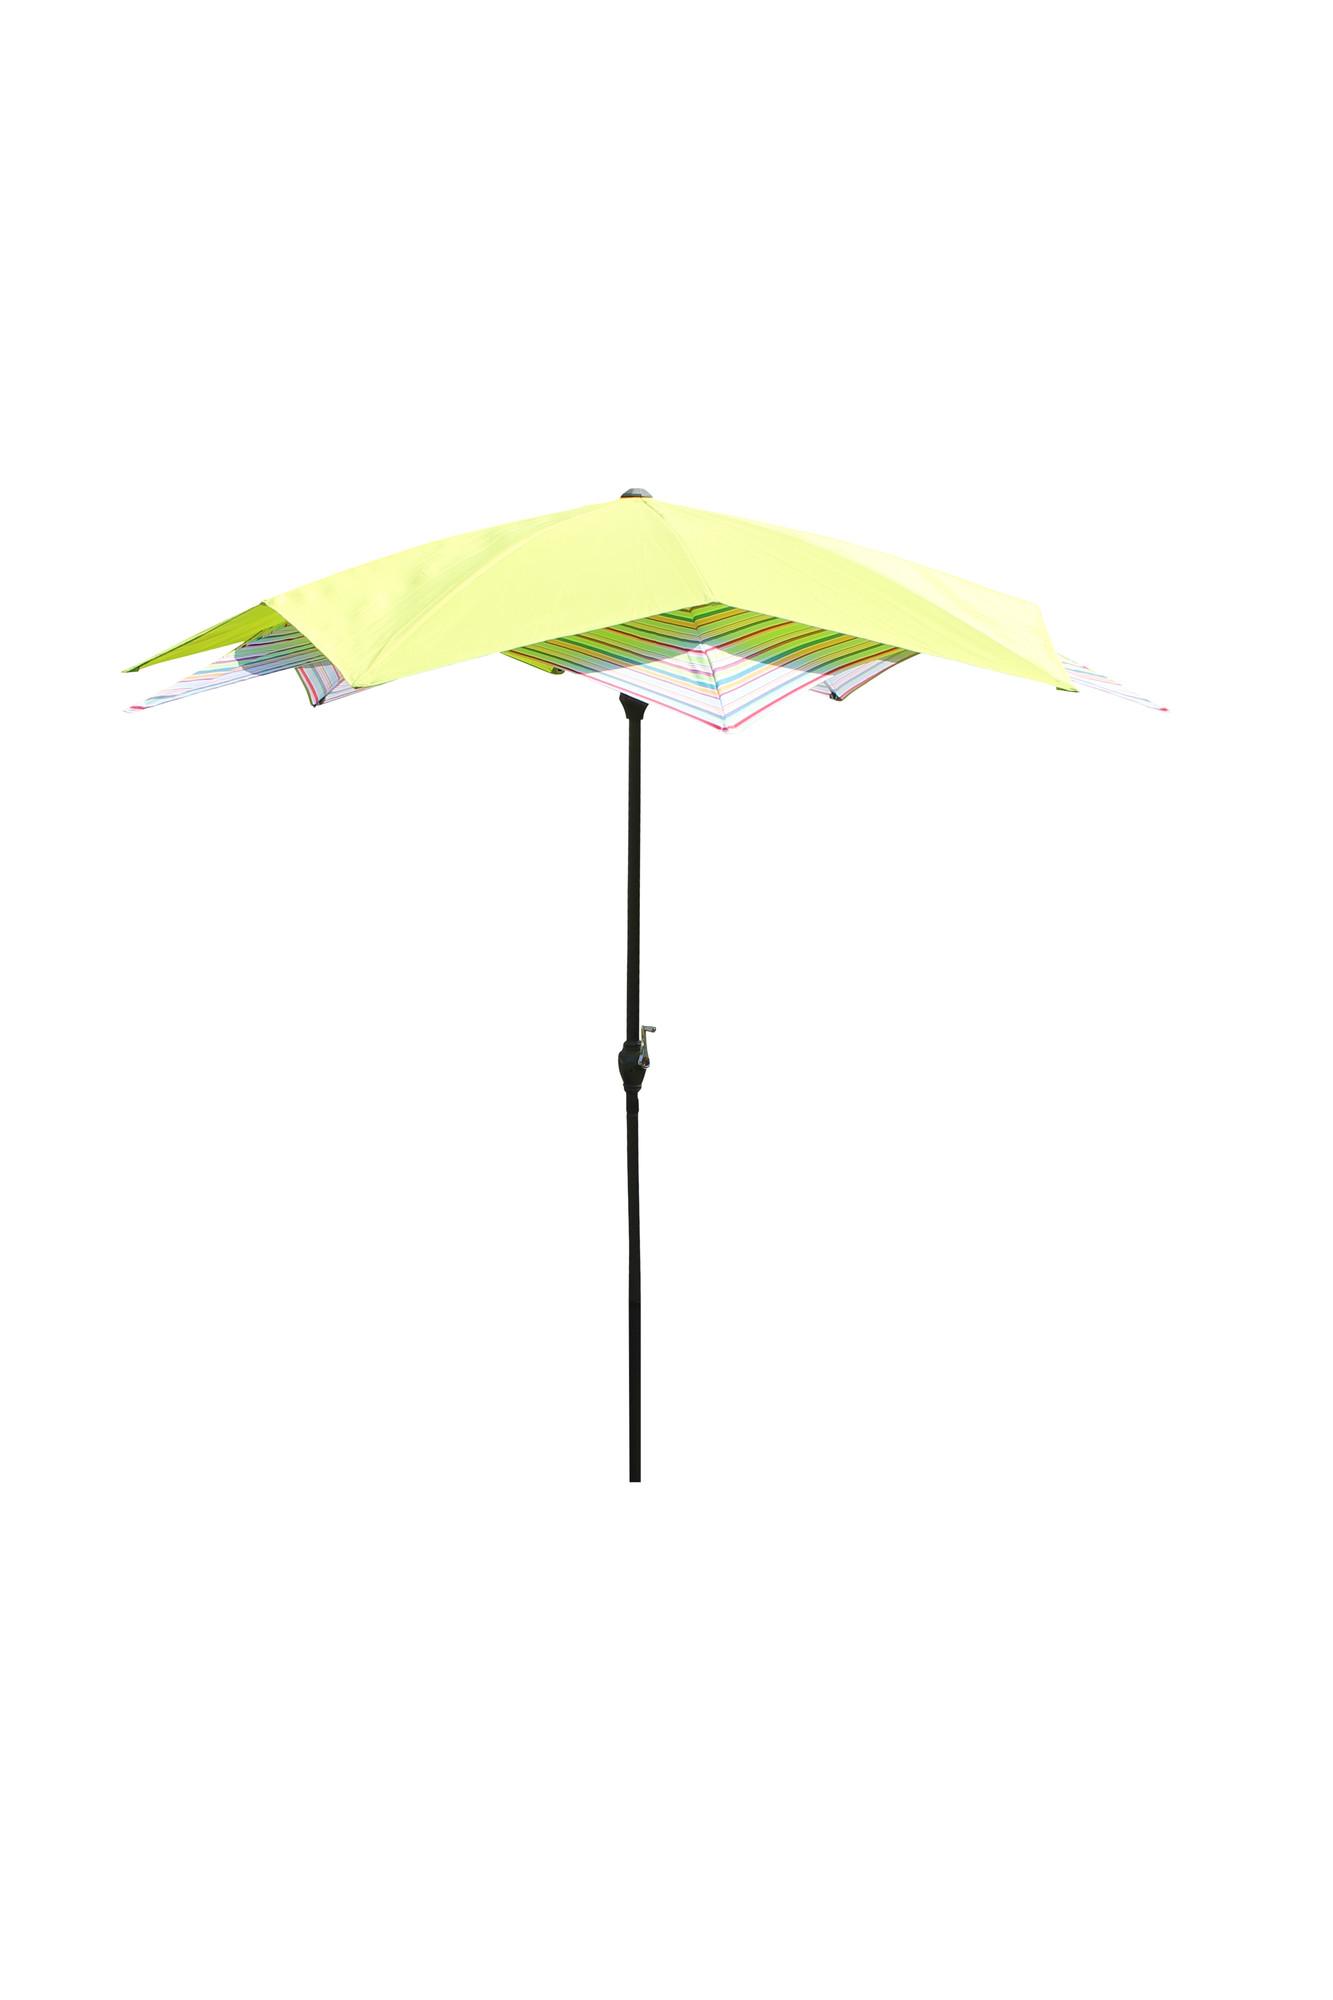 Van Wohi Leco Bloem Parasol groen gestreept (doorsnede 270 cm) (20700 507) Prijsvergelijk nu!